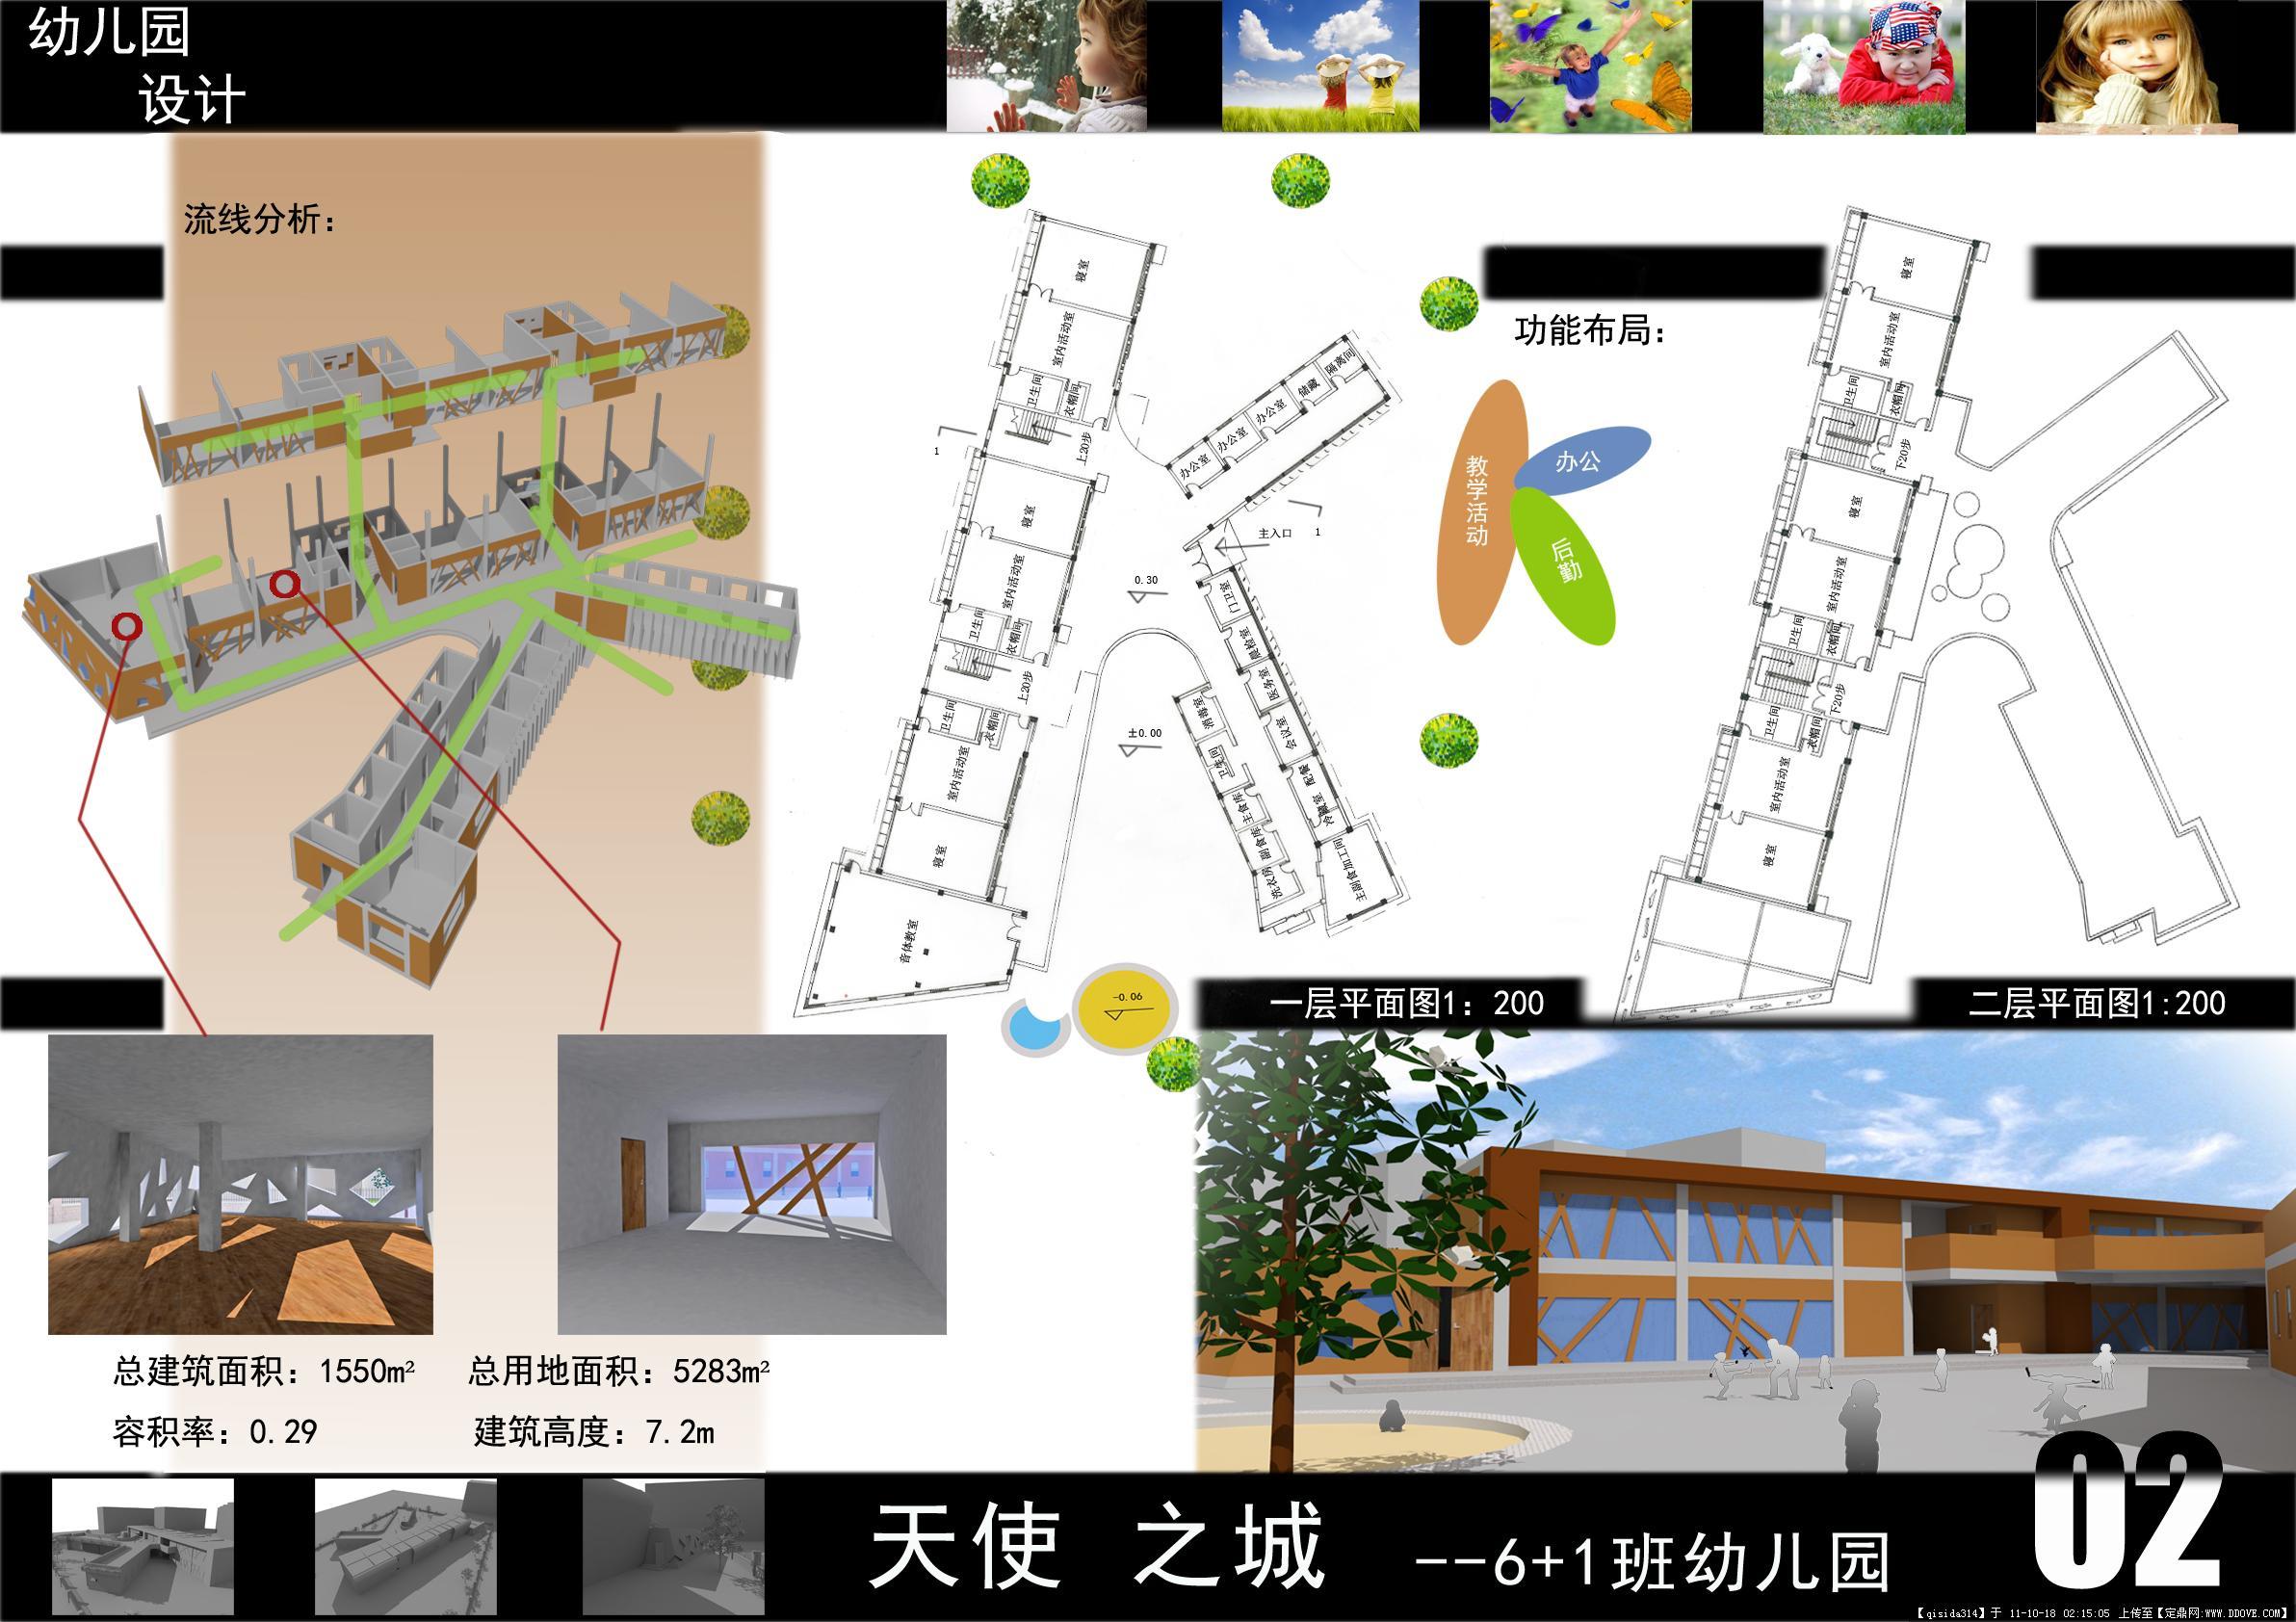 大二建筑设计--幼儿园设计-正图2.jpg 原始尺寸:2384 * 1684